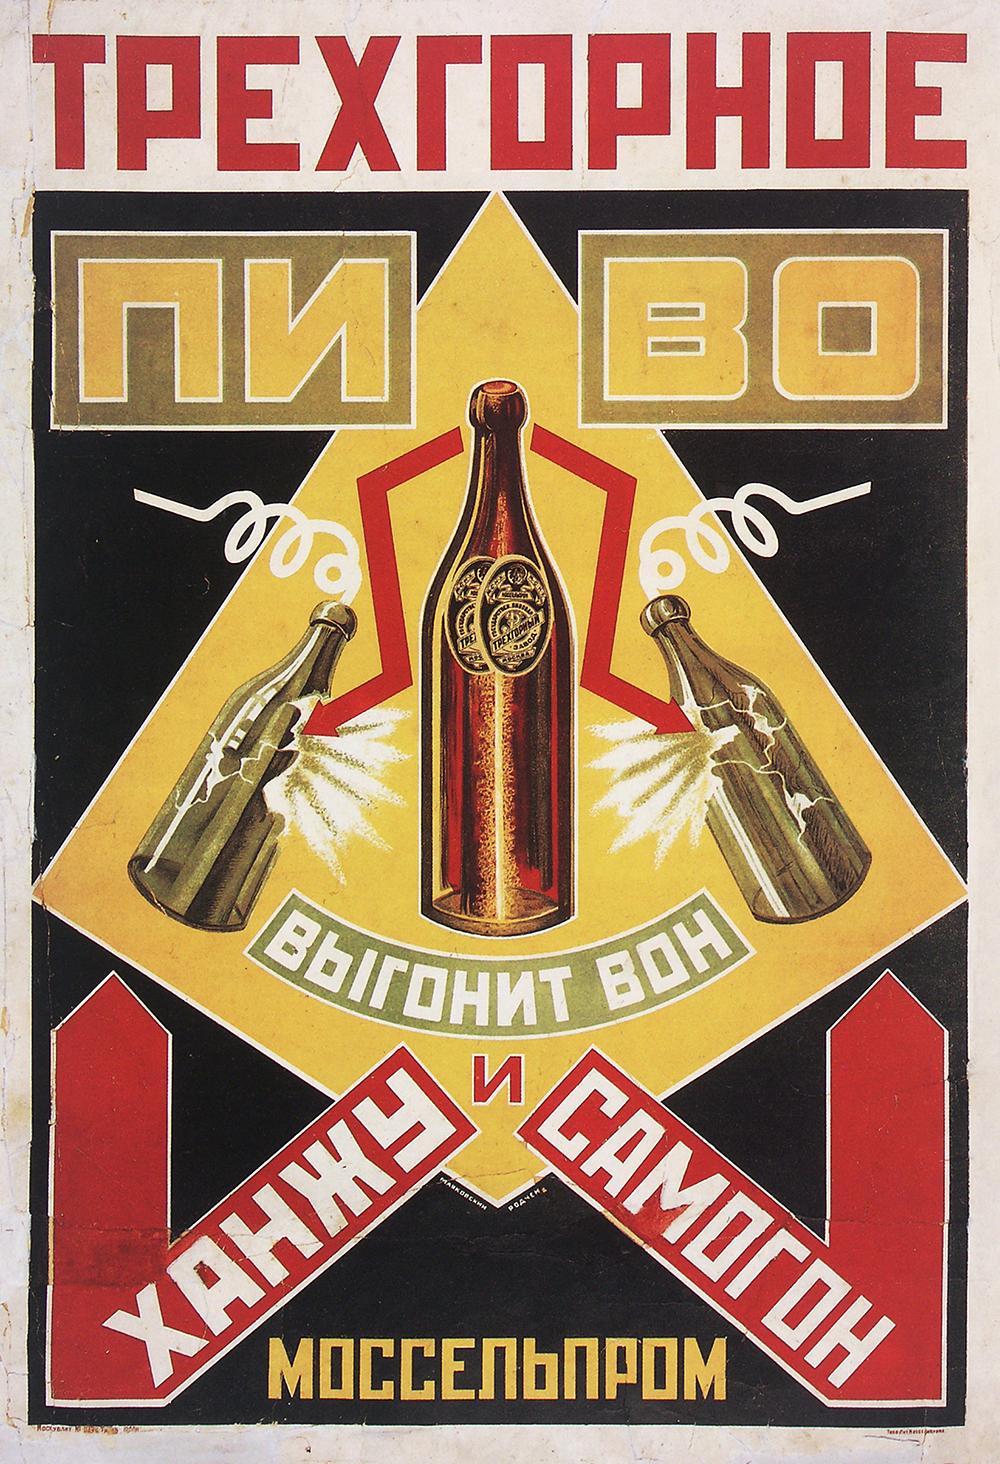 Para aperfeiçoar o trabalho, artistas contemporâneos e especialistas em arte ofereceram uma valiosa contribuição durante as filmagens. / Propaganda de cerveja